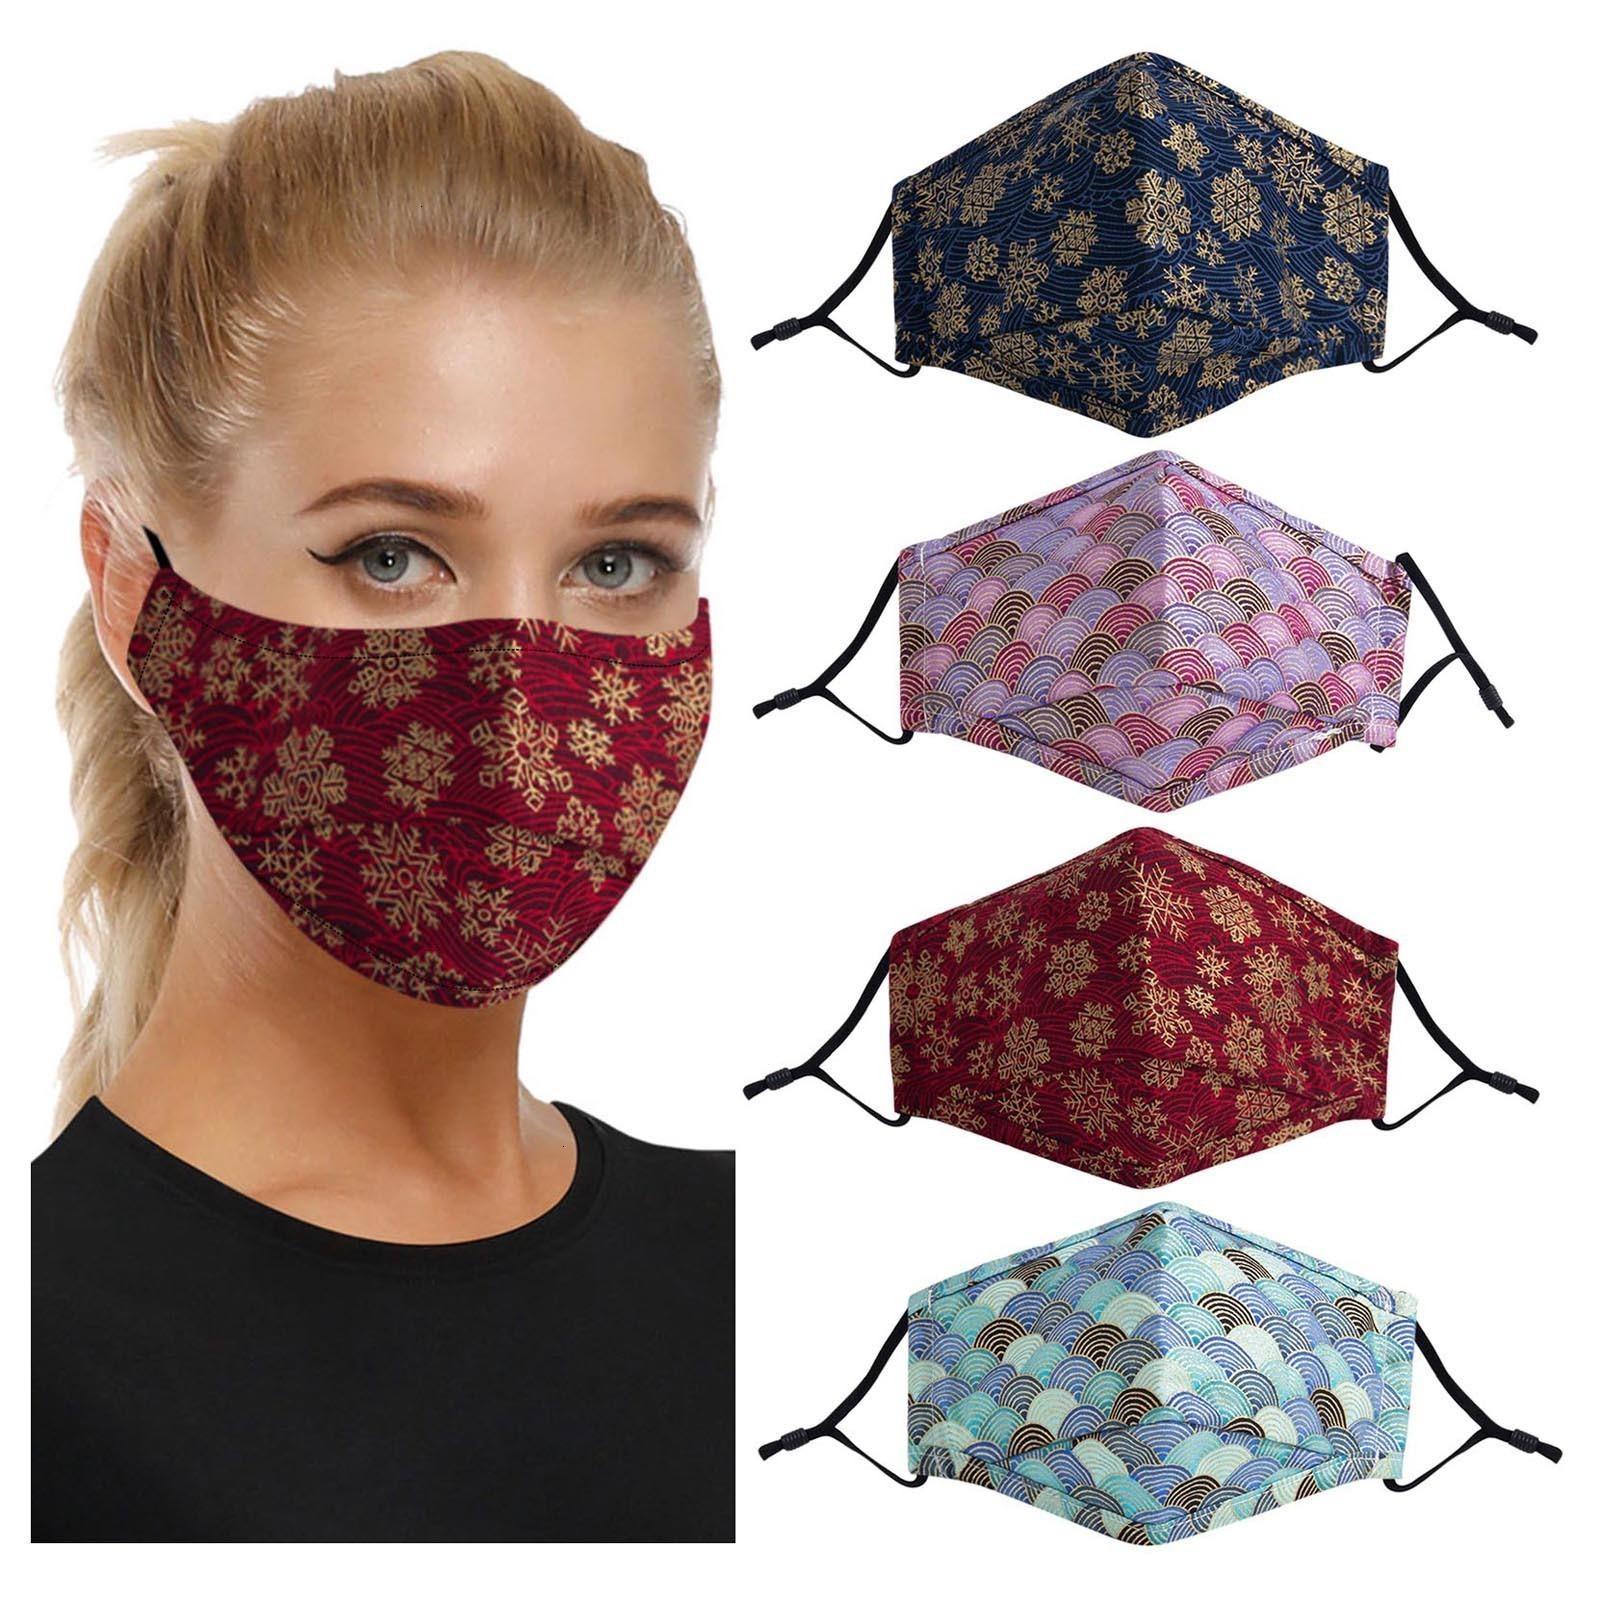 Máscaras barato Adulto lavável reutilização para Proteção Imprimir Máscara à prova de vento Foggy Haze Outono Mantenha Máscara Algodão Quente